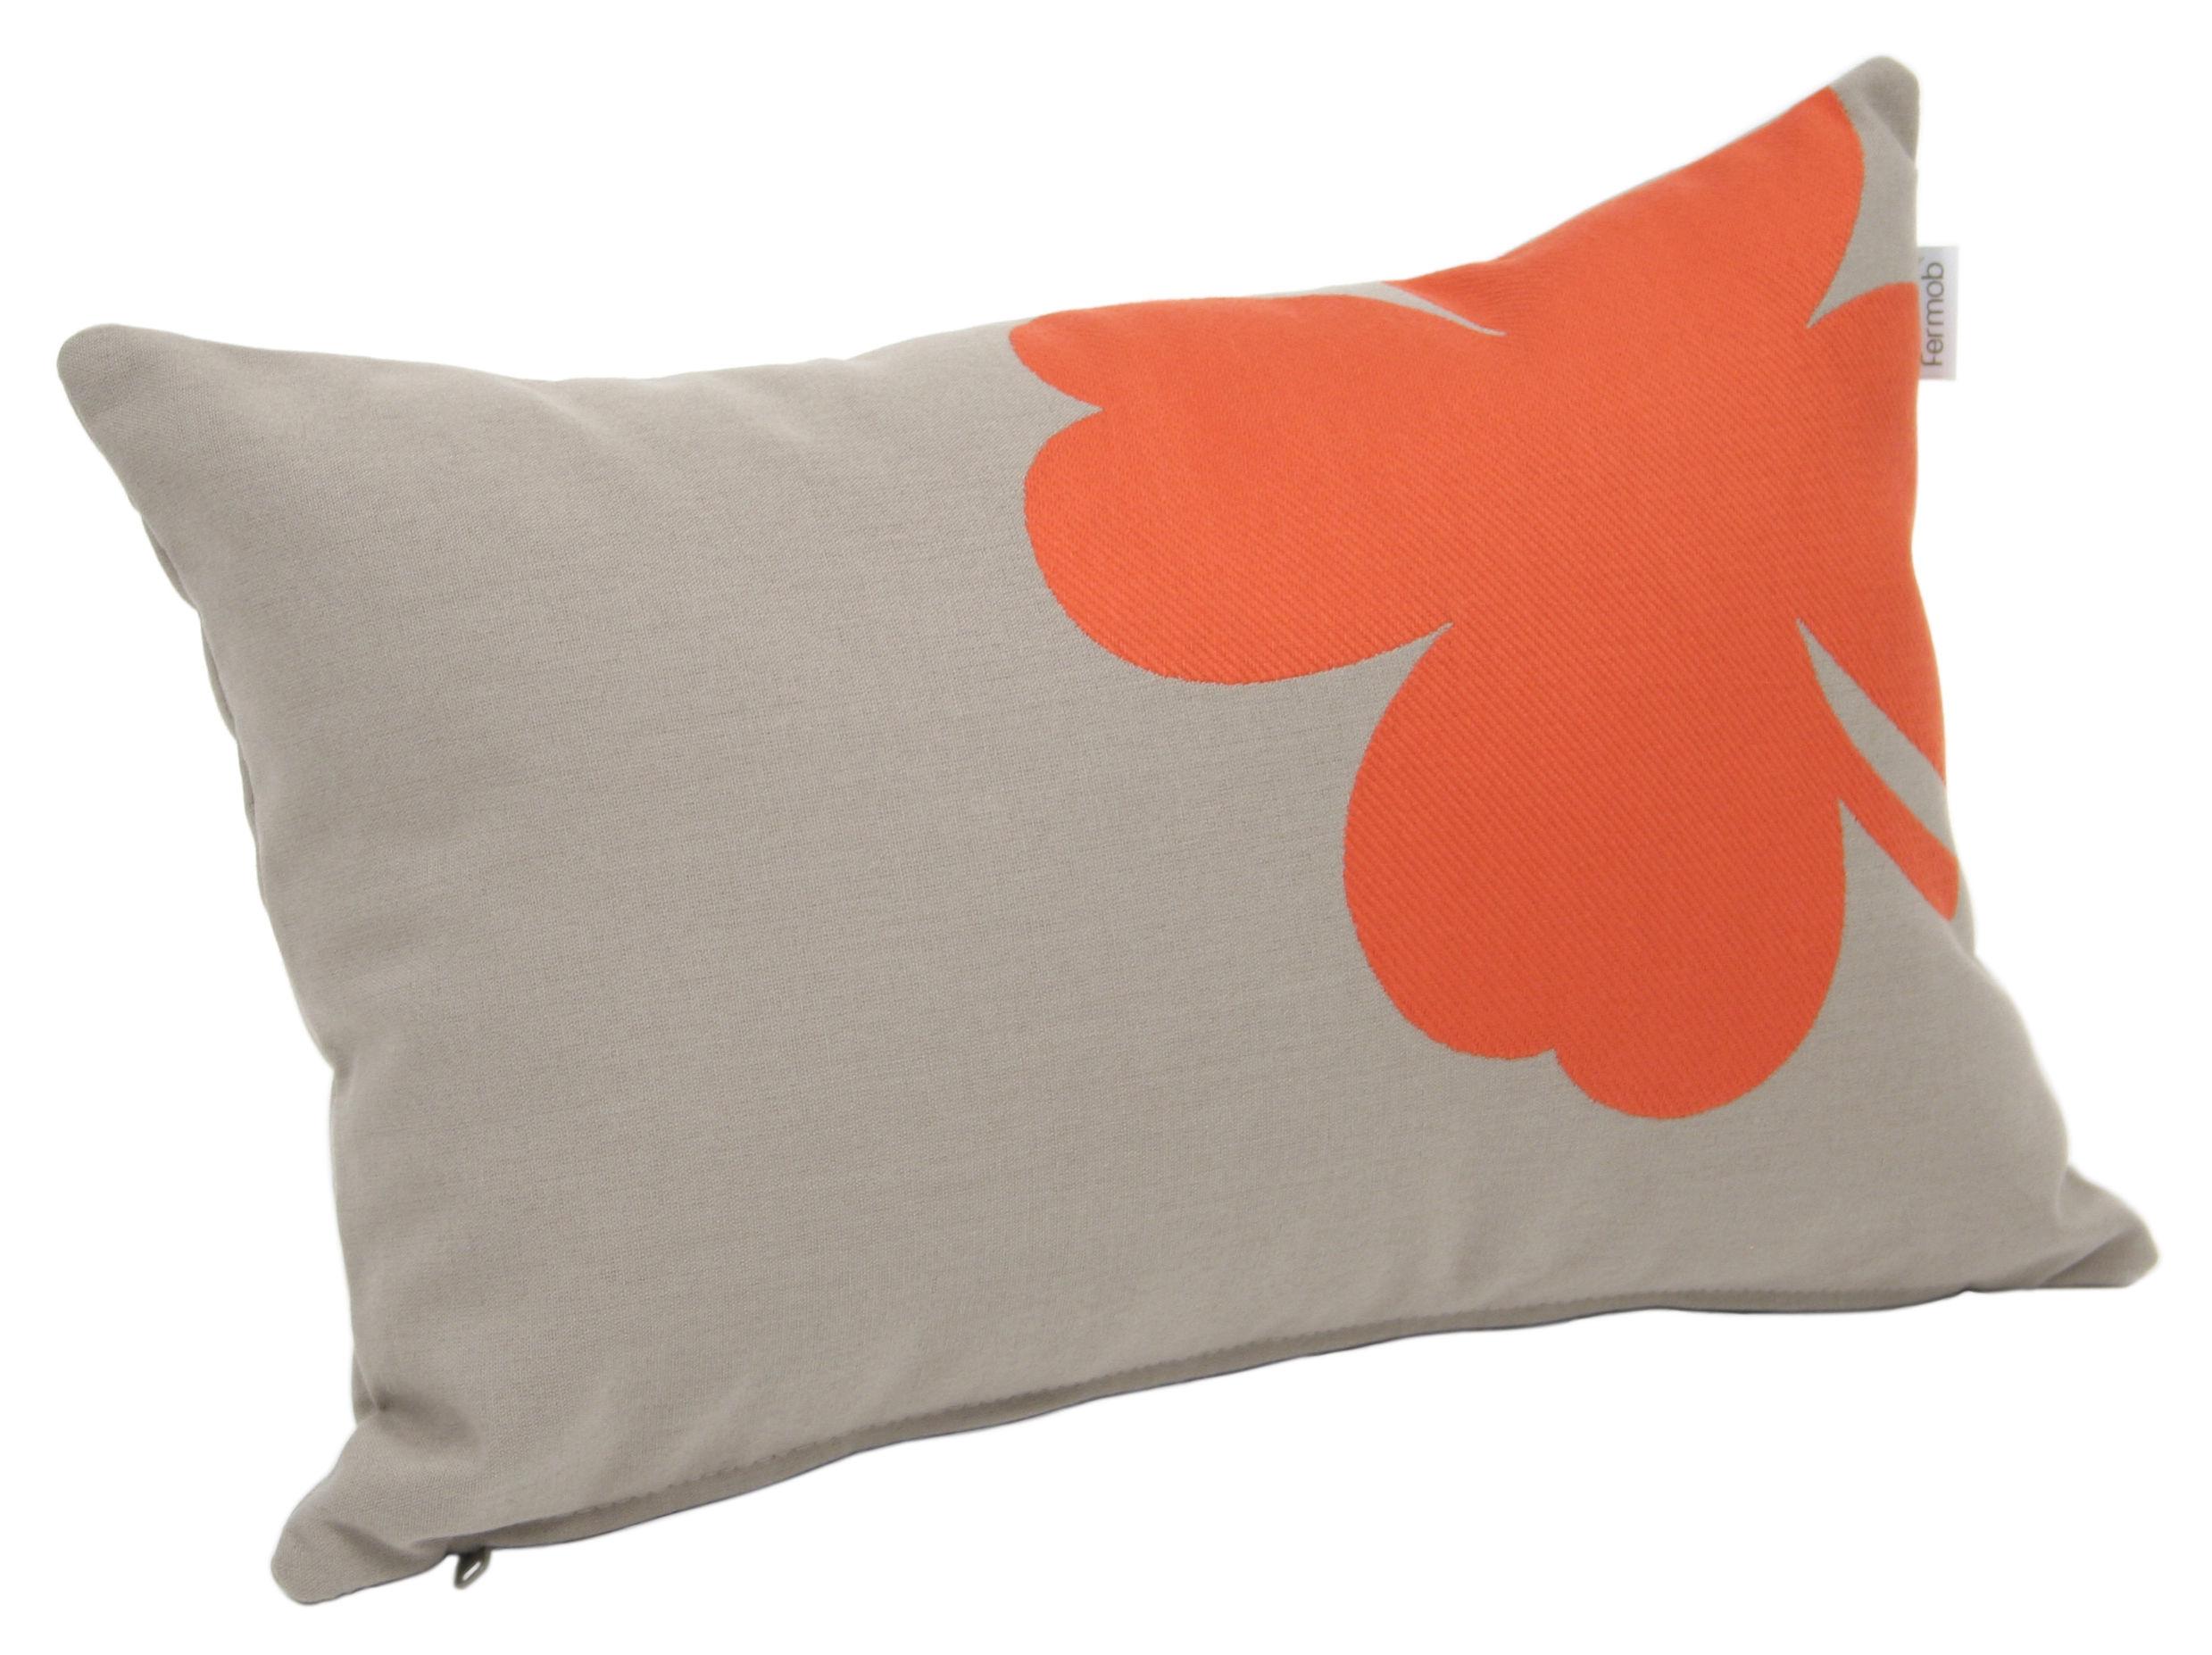 Outdoor kissen tr fle von fermob beige motiv koralle made in design - Outdoor kissen fur loungemobel ...